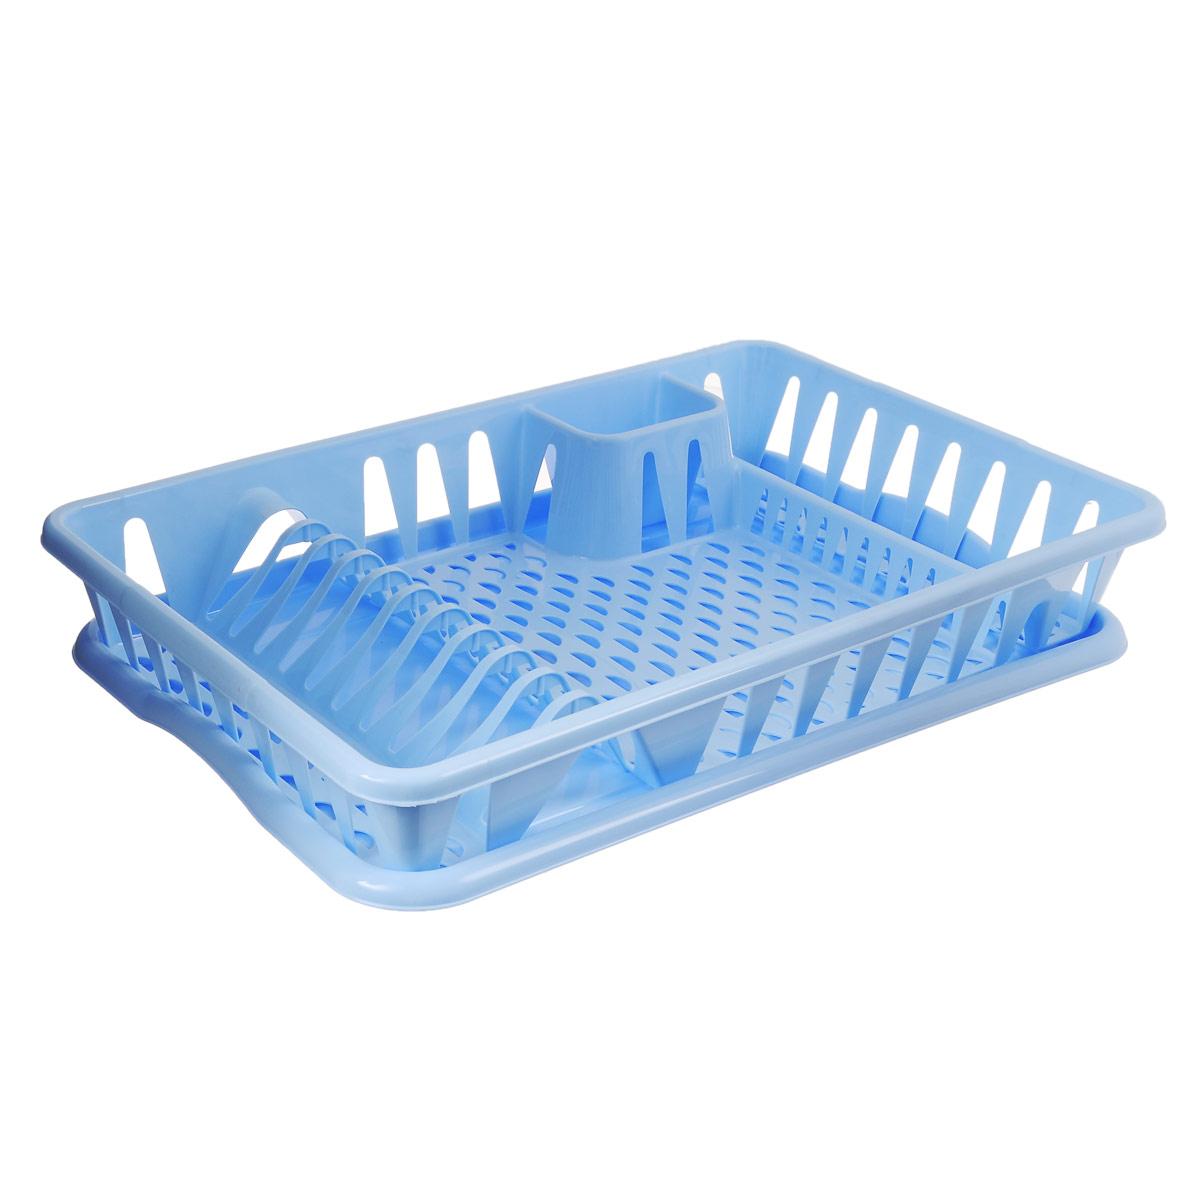 Сушилка для посуды Idea, с поддоном, цвет: голубой, 50 х 32,5 х 8 смМ 1169Сушилка Idea, выполненная из прочного пластика, представляет собой решетку с ячейками, в которые помещается посуда: тарелки, кружки, ложки, ножи. Изделие оснащено пластиковым поддоном для стекания воды. Сушилку можно установить в любом удобном месте. На ней можно разместить большое количество предметов. Вместительные размеры и оригинальный дизайн выделяют эту сушку из ряда подобных. Размер сушилки: 46,5 см х 37 см х 9 см. Размер поддона: 48,5см х 32 см х 2,5 см.